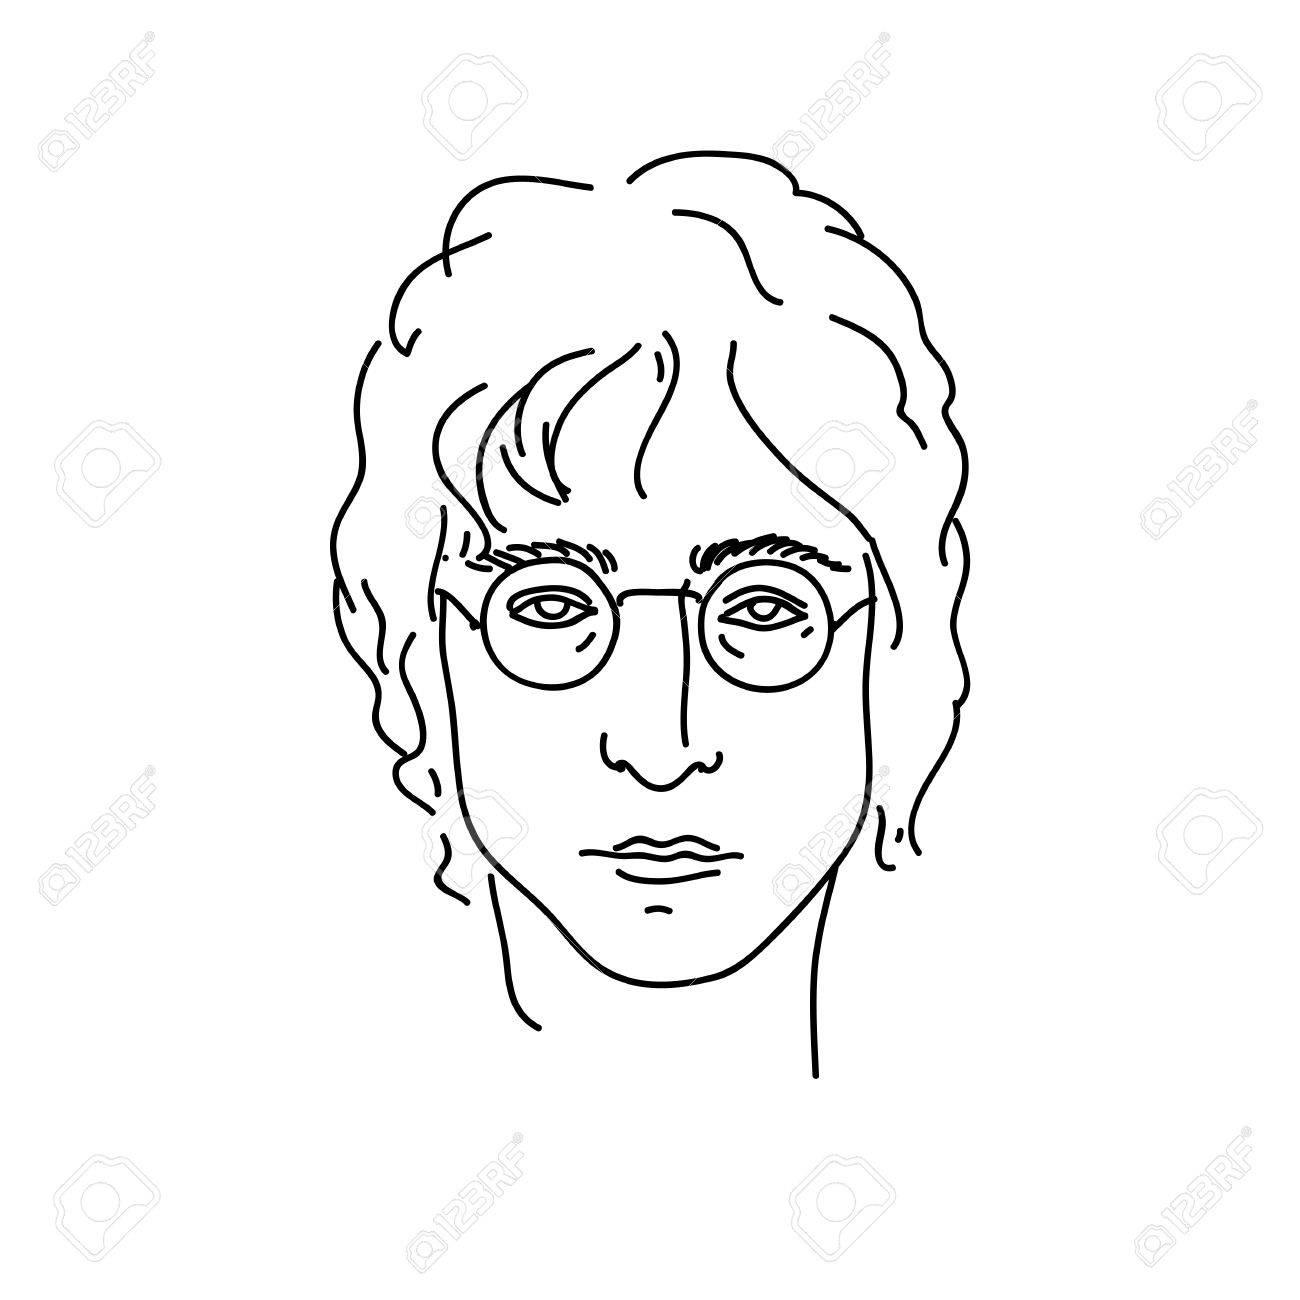 1300x1300 September 19, 2017 Creative Portrait Of John Lennon, Musician